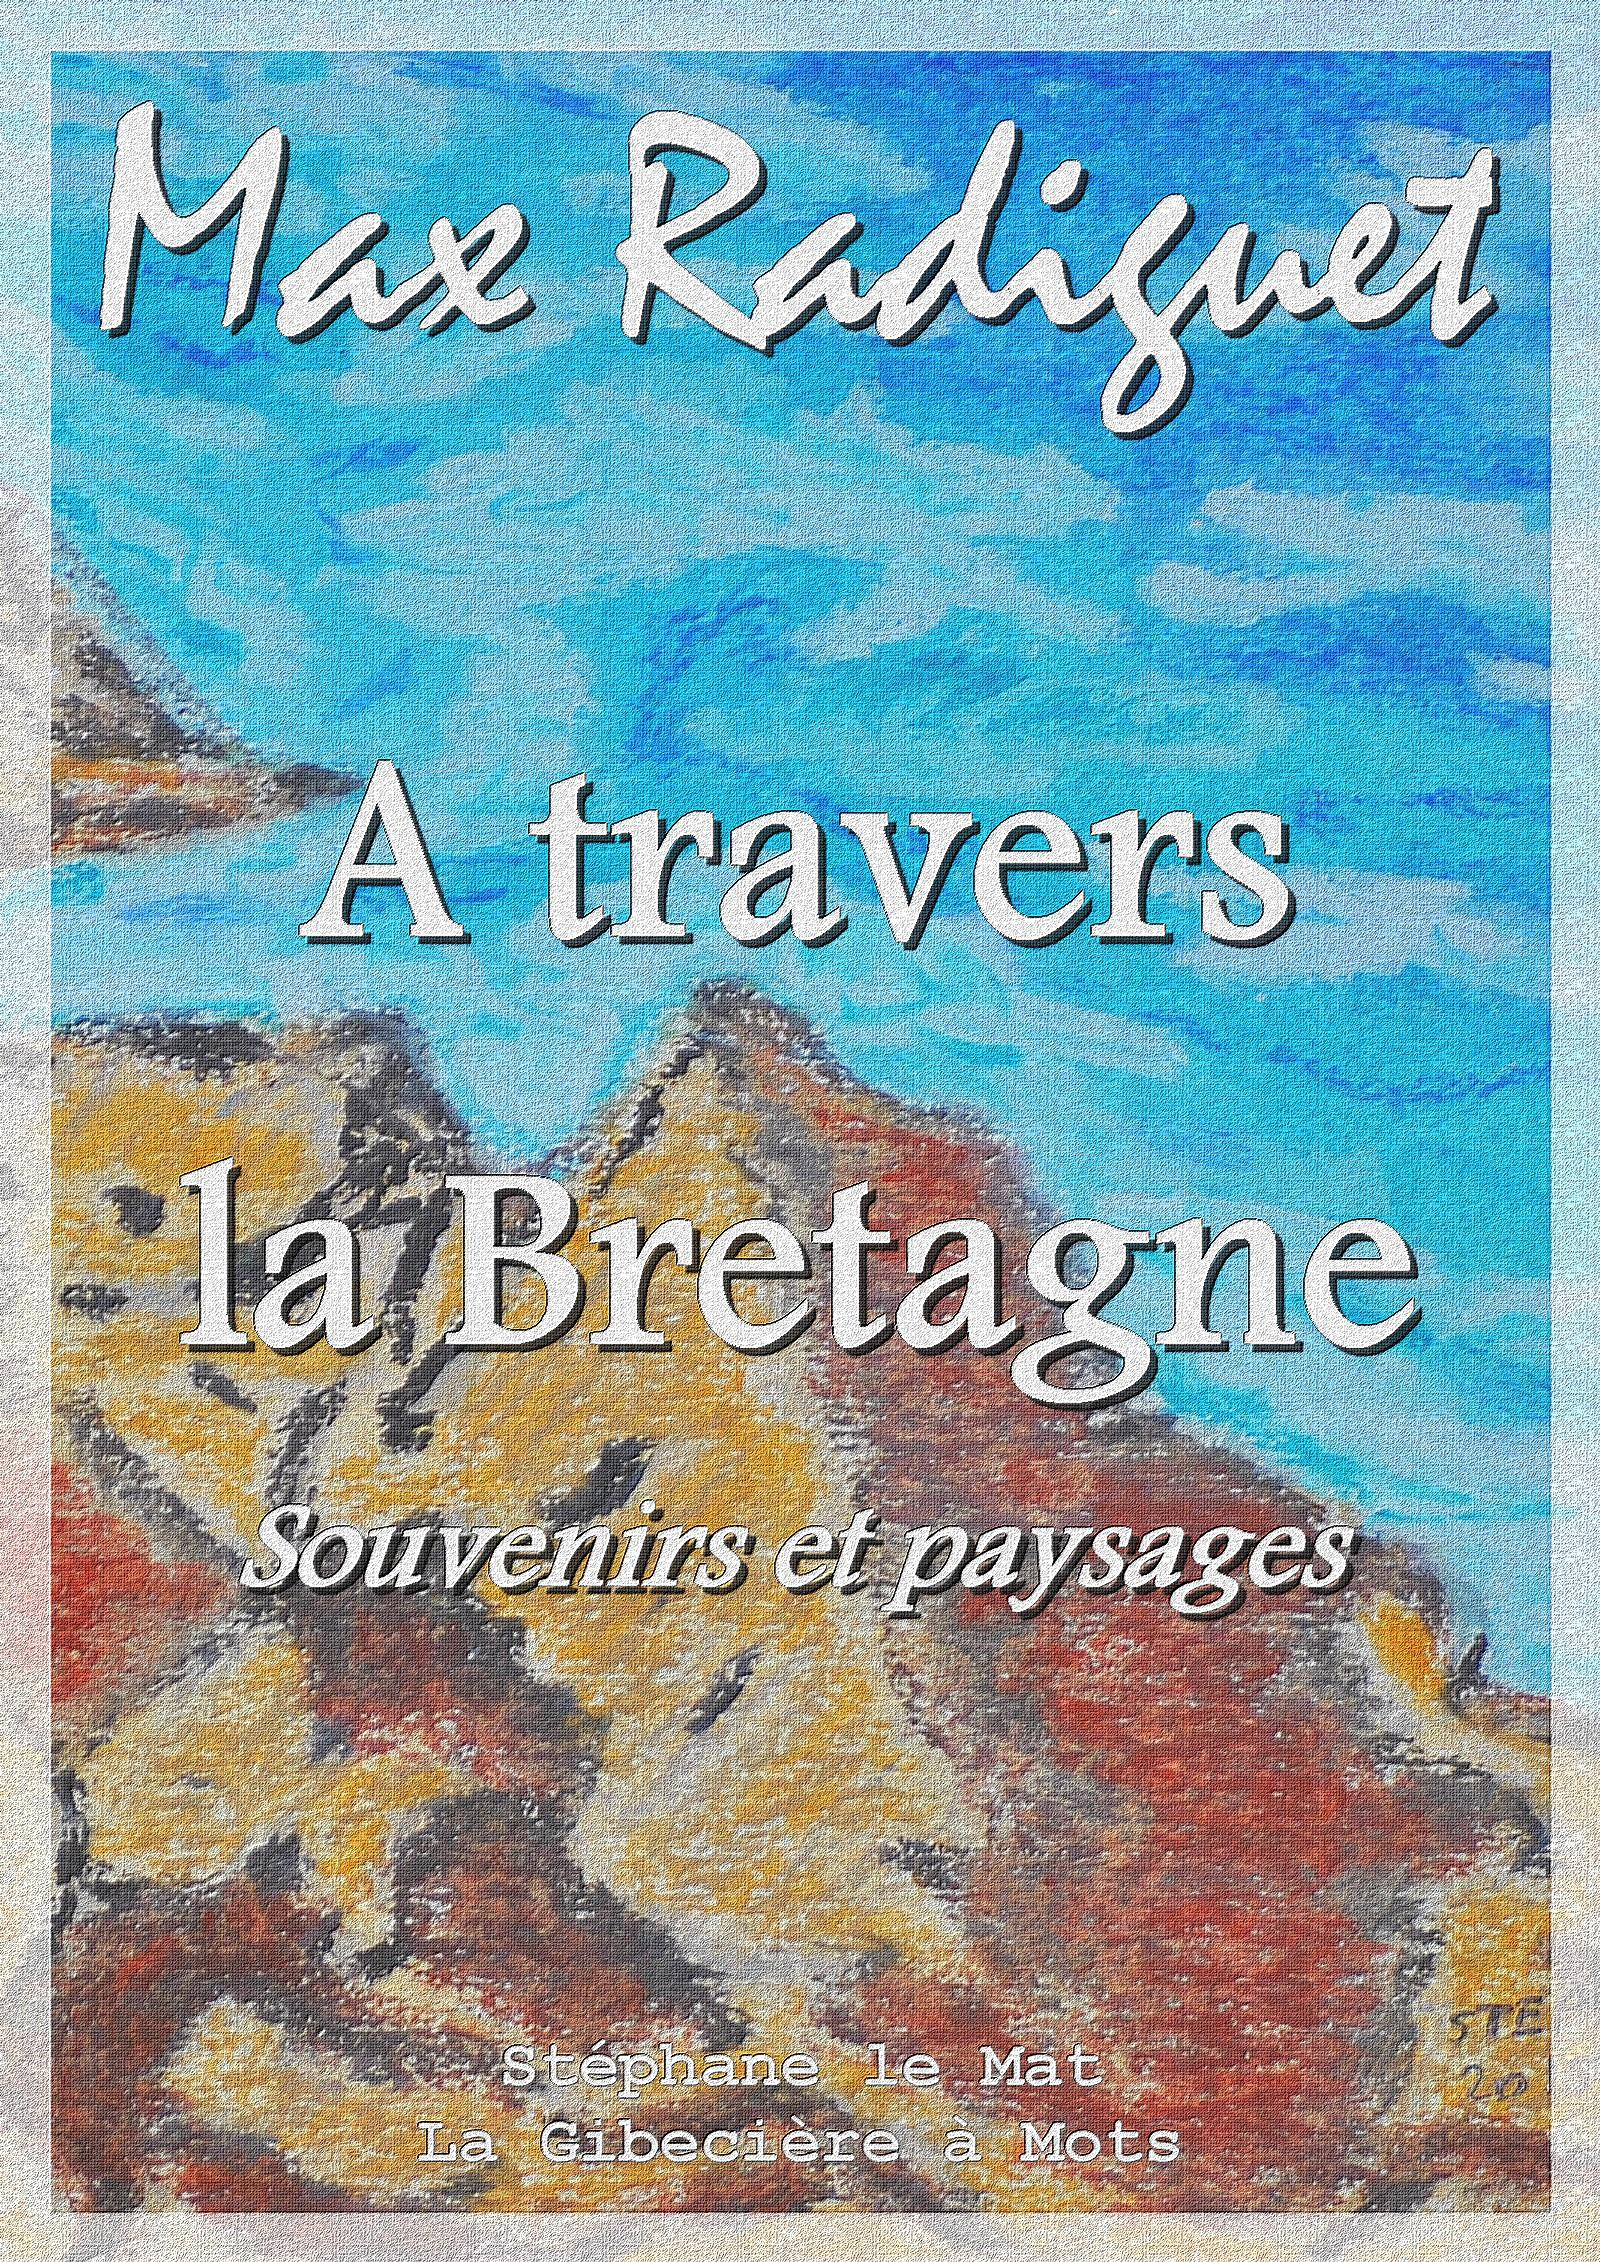 A travers la Bretagne, SOUVENIRS ET PAYSAGES